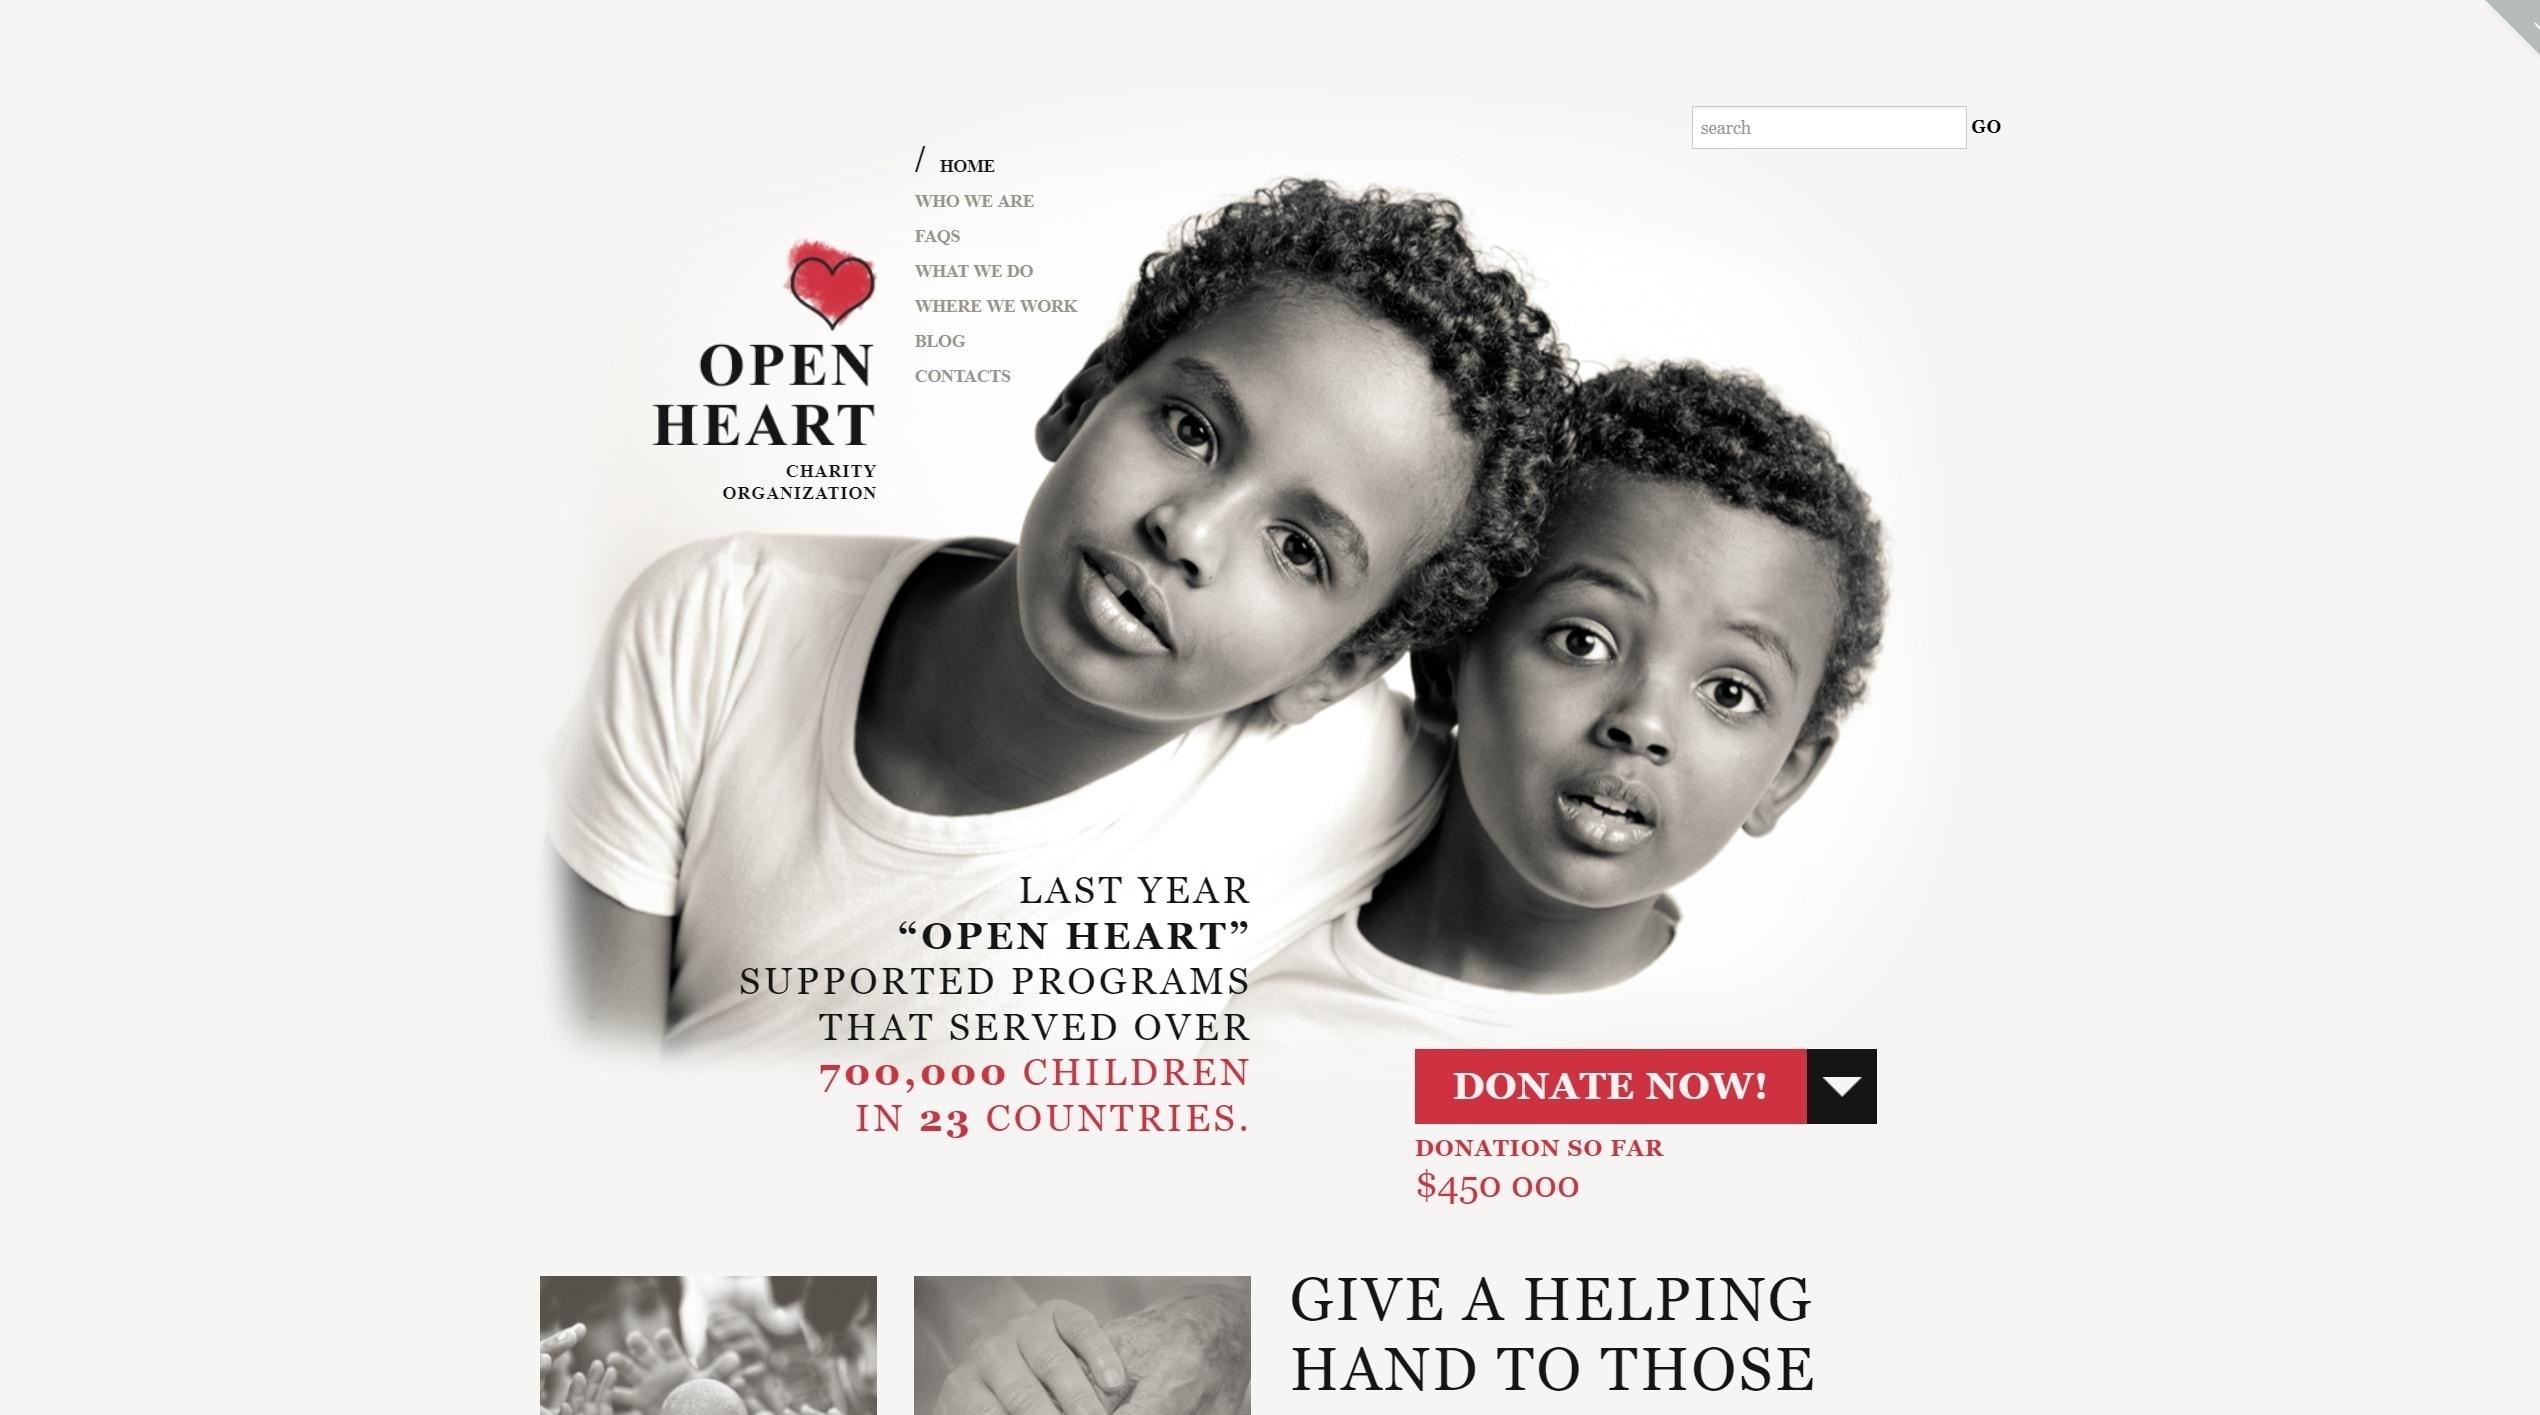 WordPress темы для некоммерческих организаций и благотворительности